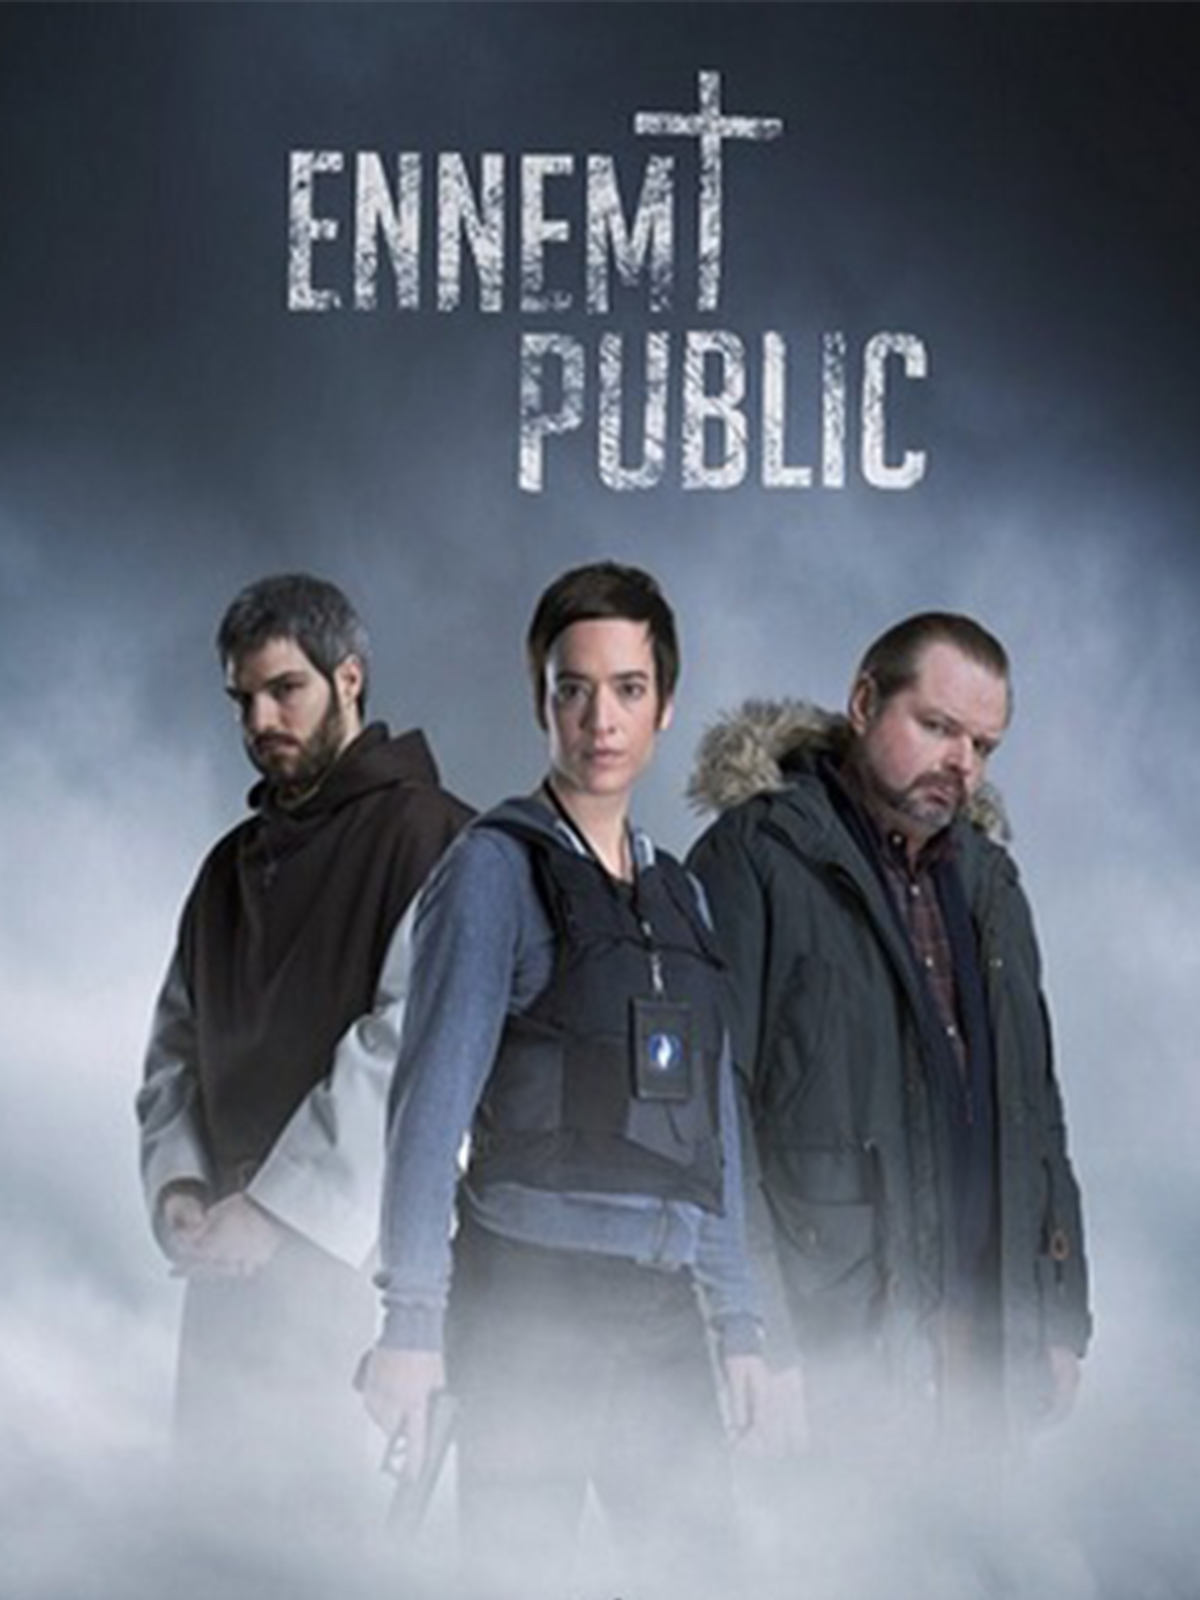 fic_ennemi-public_vertical